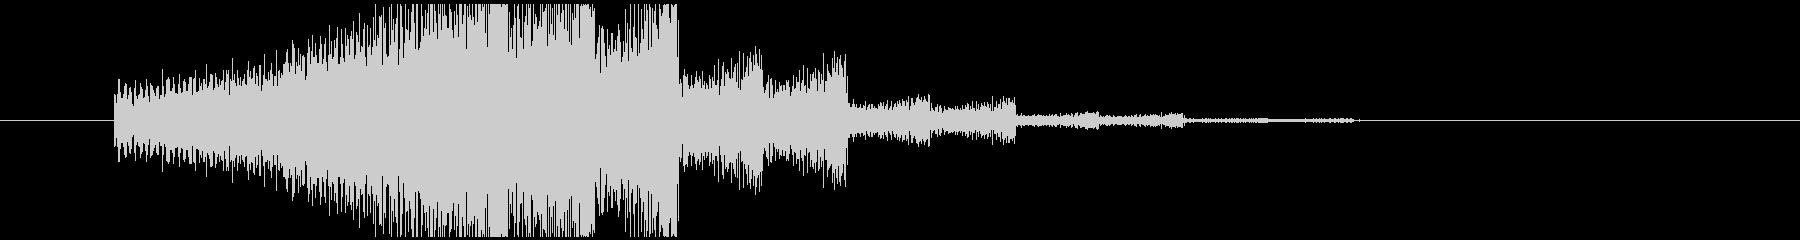 エレキギター音(回想)の未再生の波形